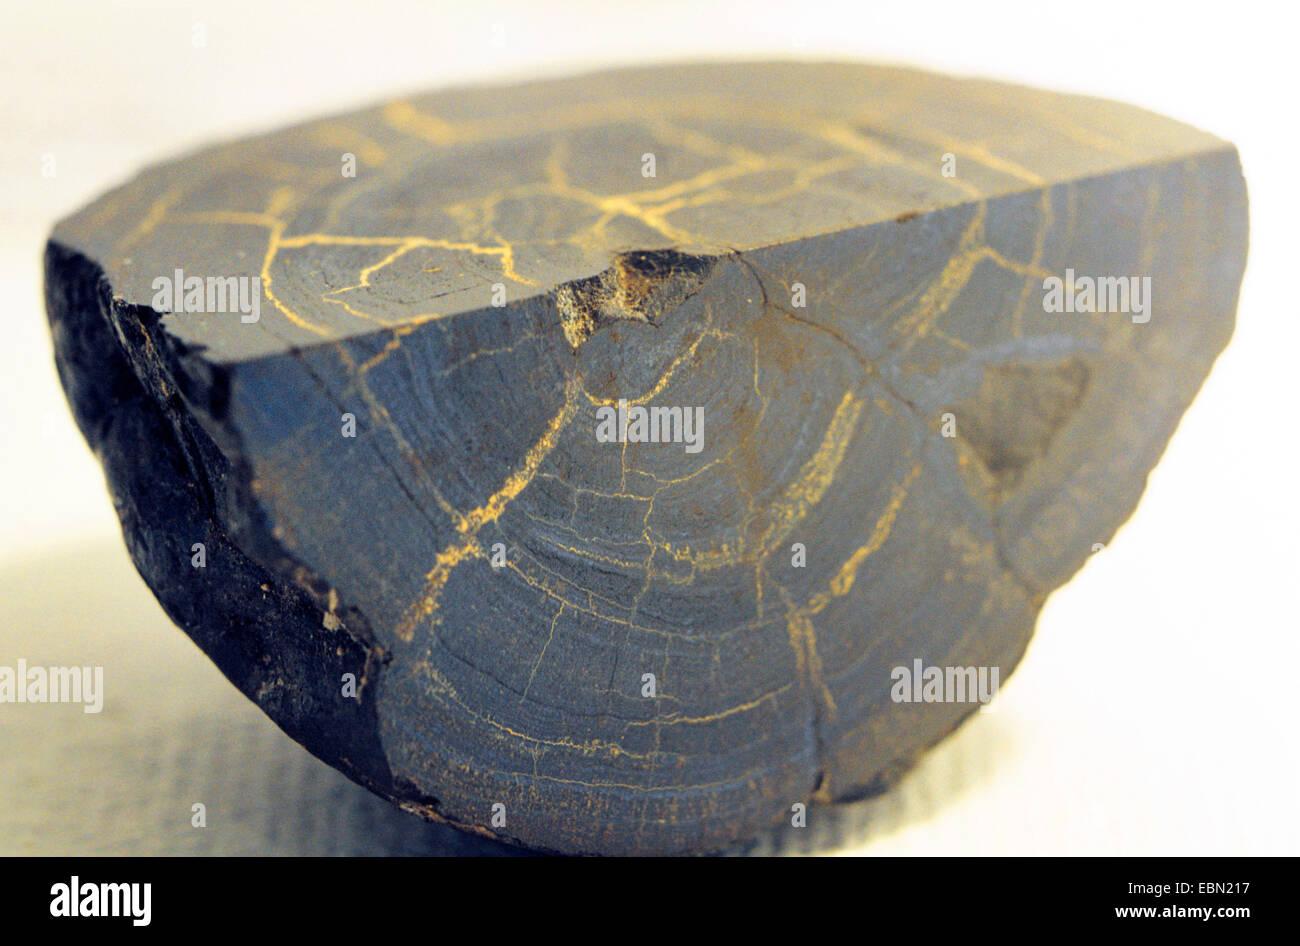 sliced manganese nodule - Stock Image